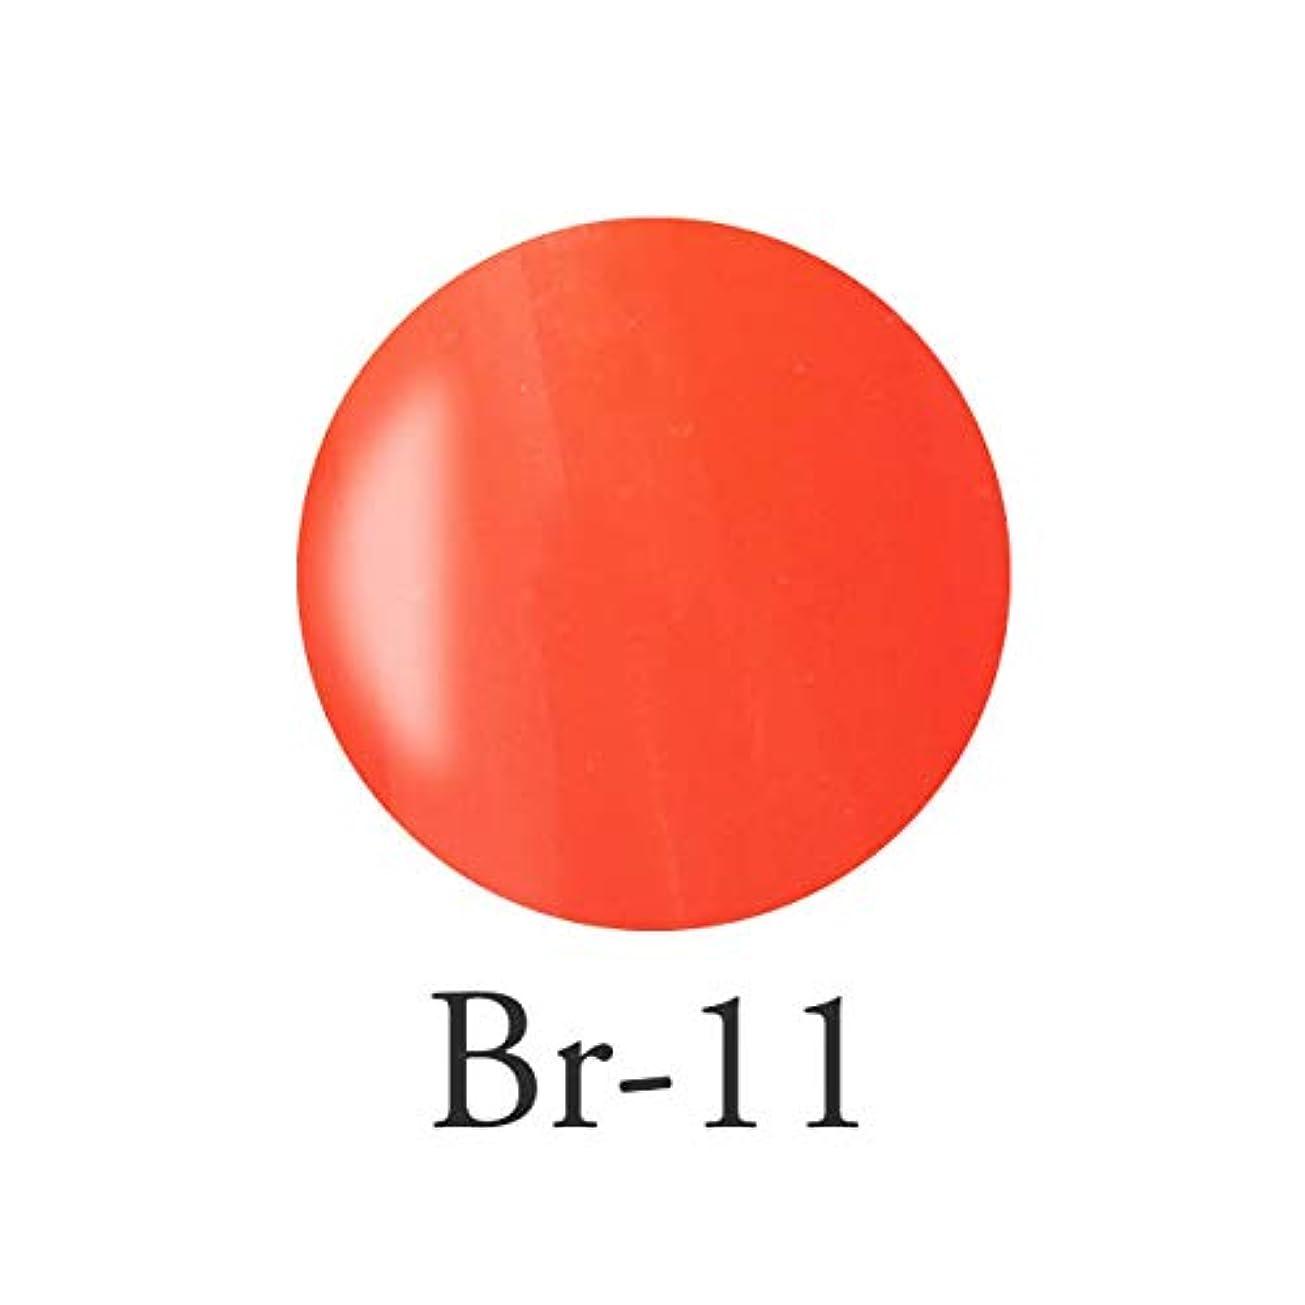 同性愛者ホストパンチエンジェル クィーンカラージェル コロンブオレンジ Br-11 3g